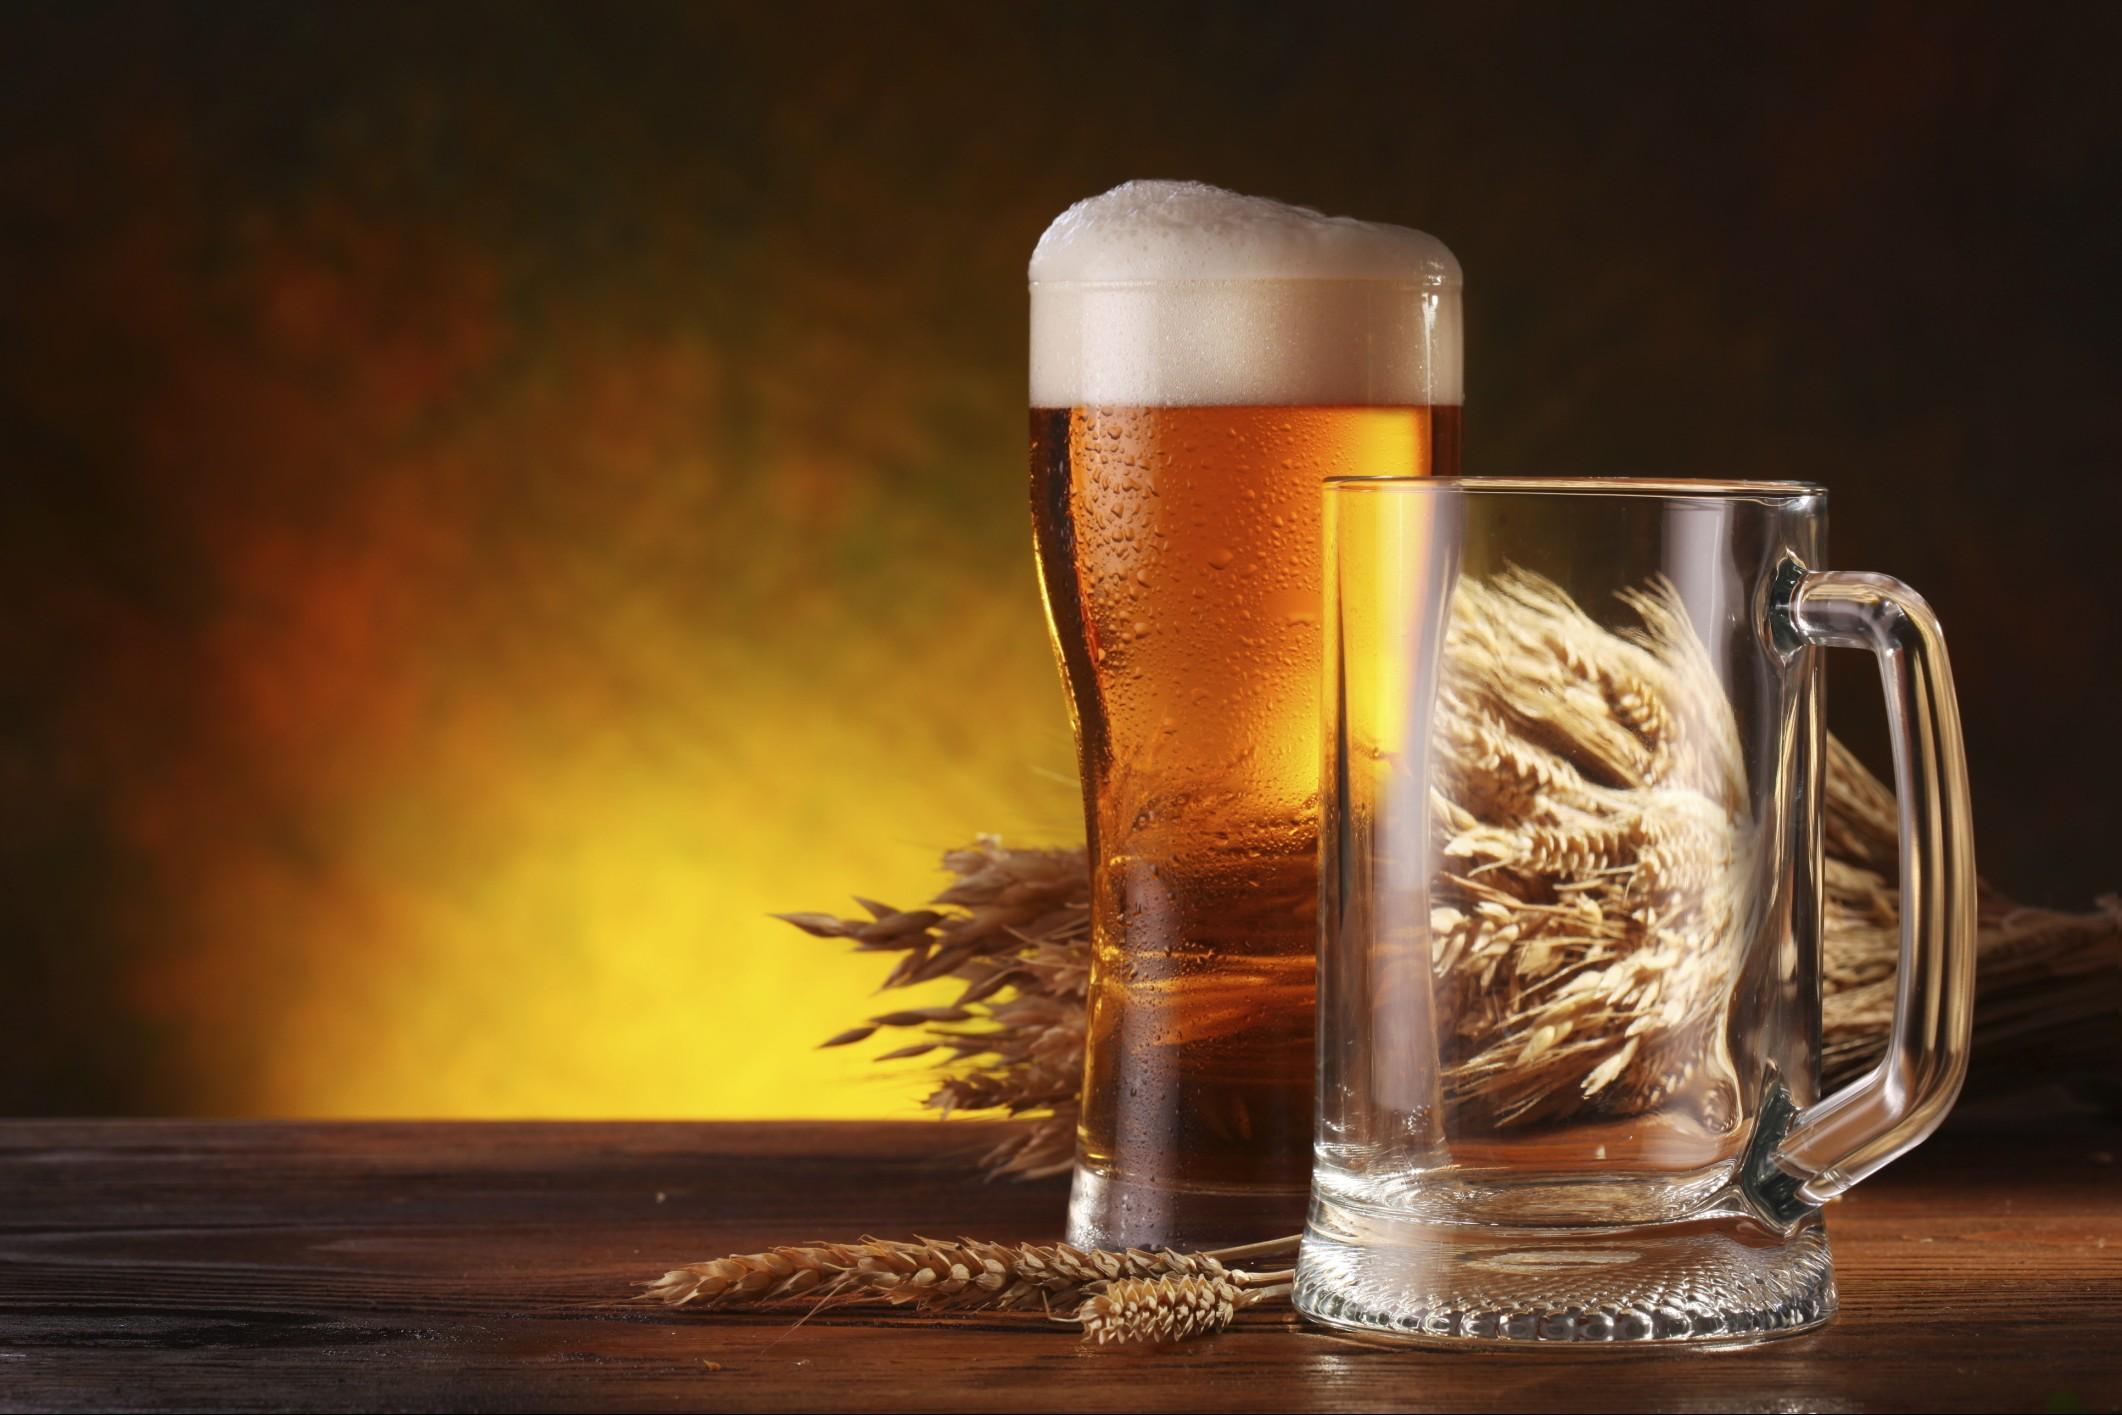 Sei una fan della birra Ecco i corsi e i master che ti insegnano a diventare un mastro birraio deccezione e a fare carriera nel settore